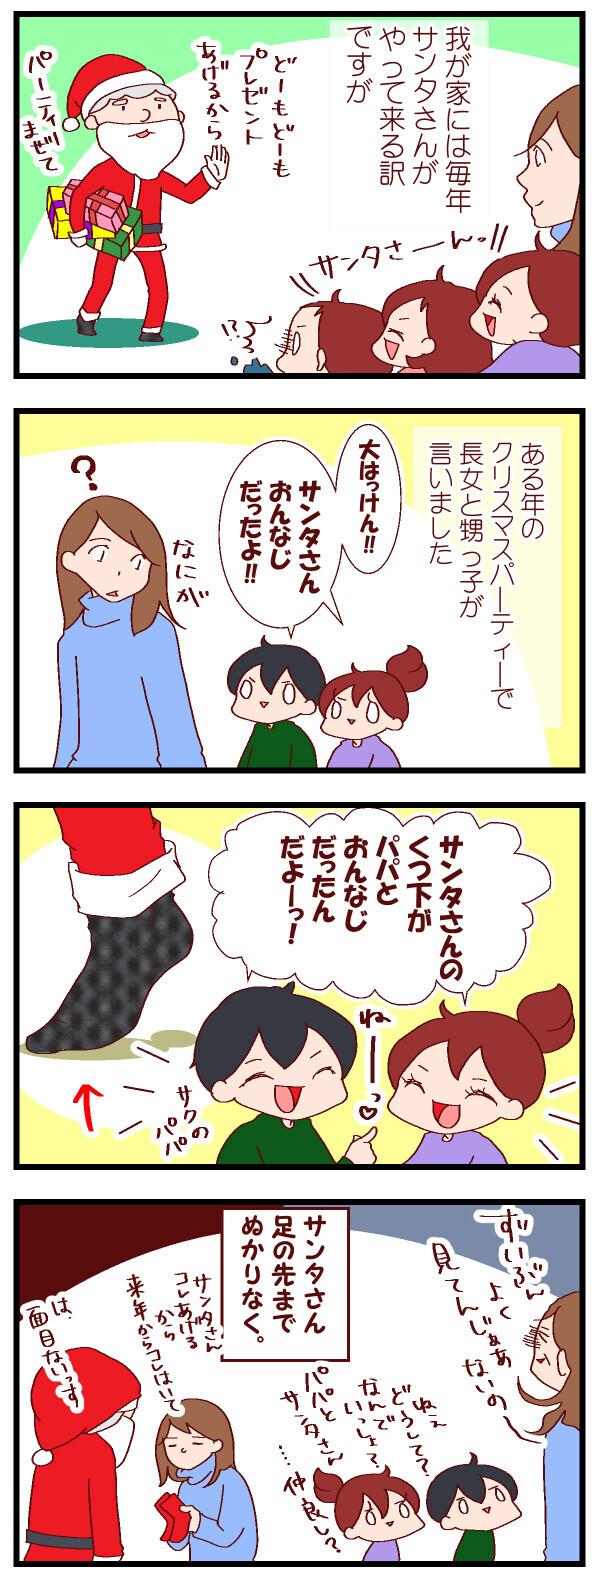 サンタさんのうっかりミスを発見! あなどれない子どもの観察眼【良妻賢母になるまでは。 第18話】